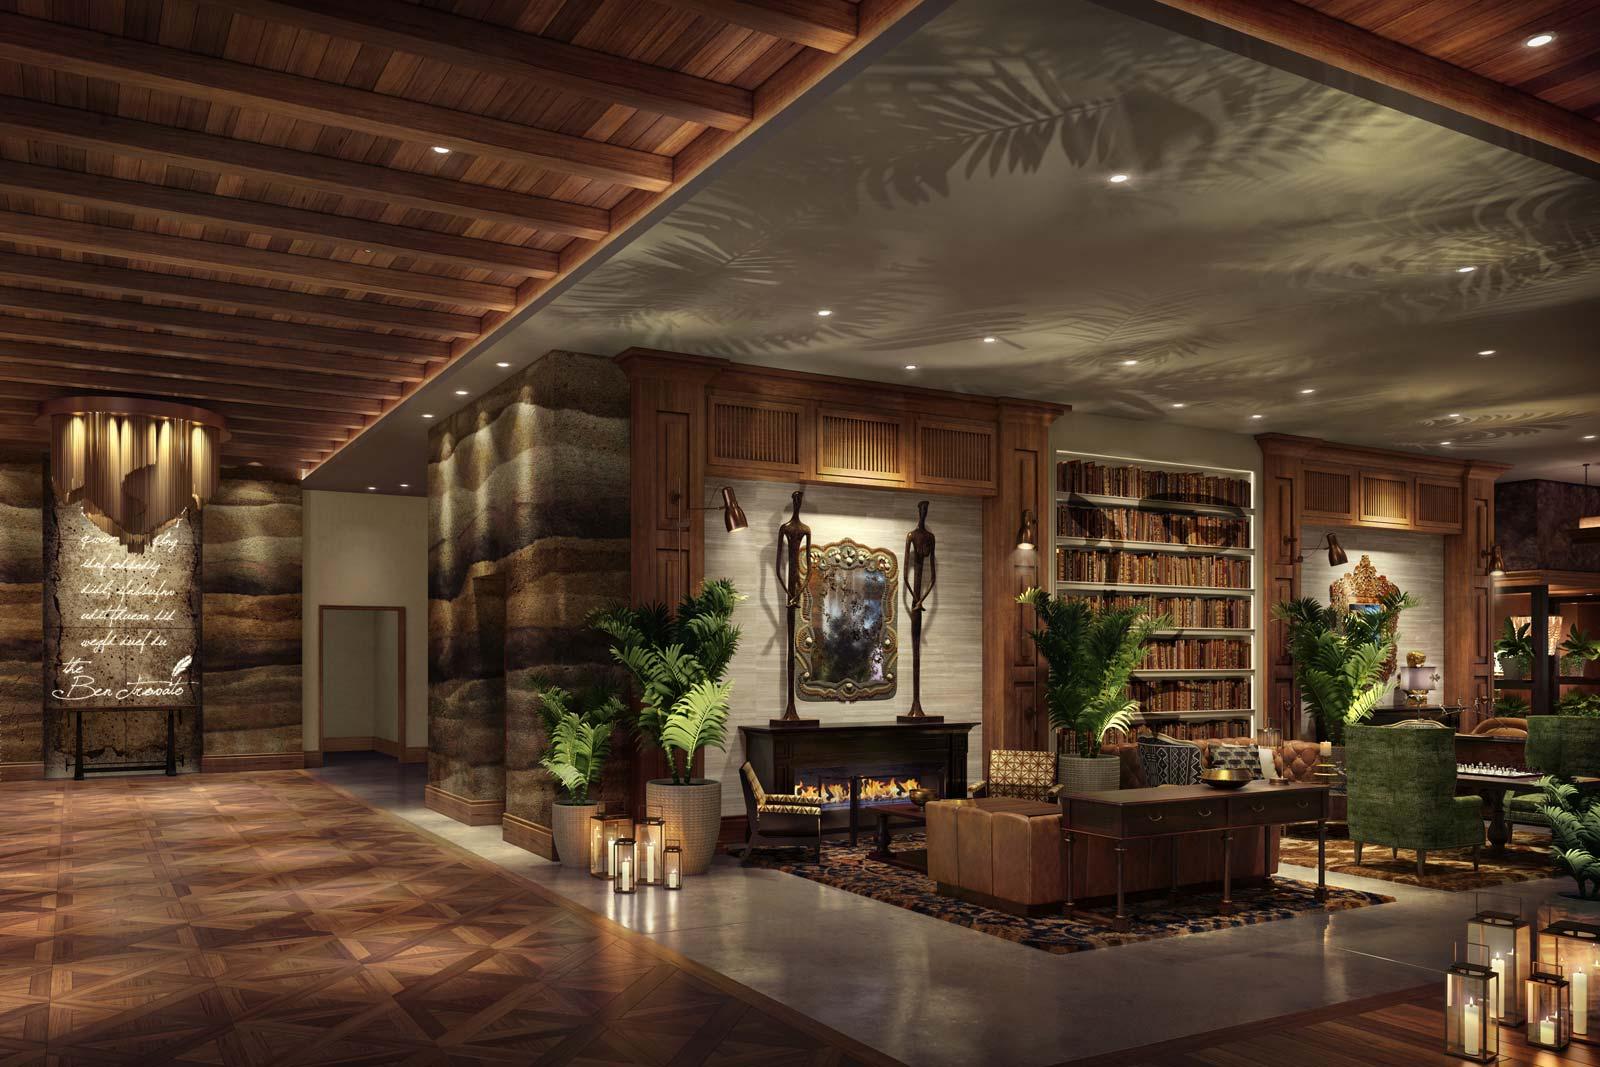 panoramic photo of room interior